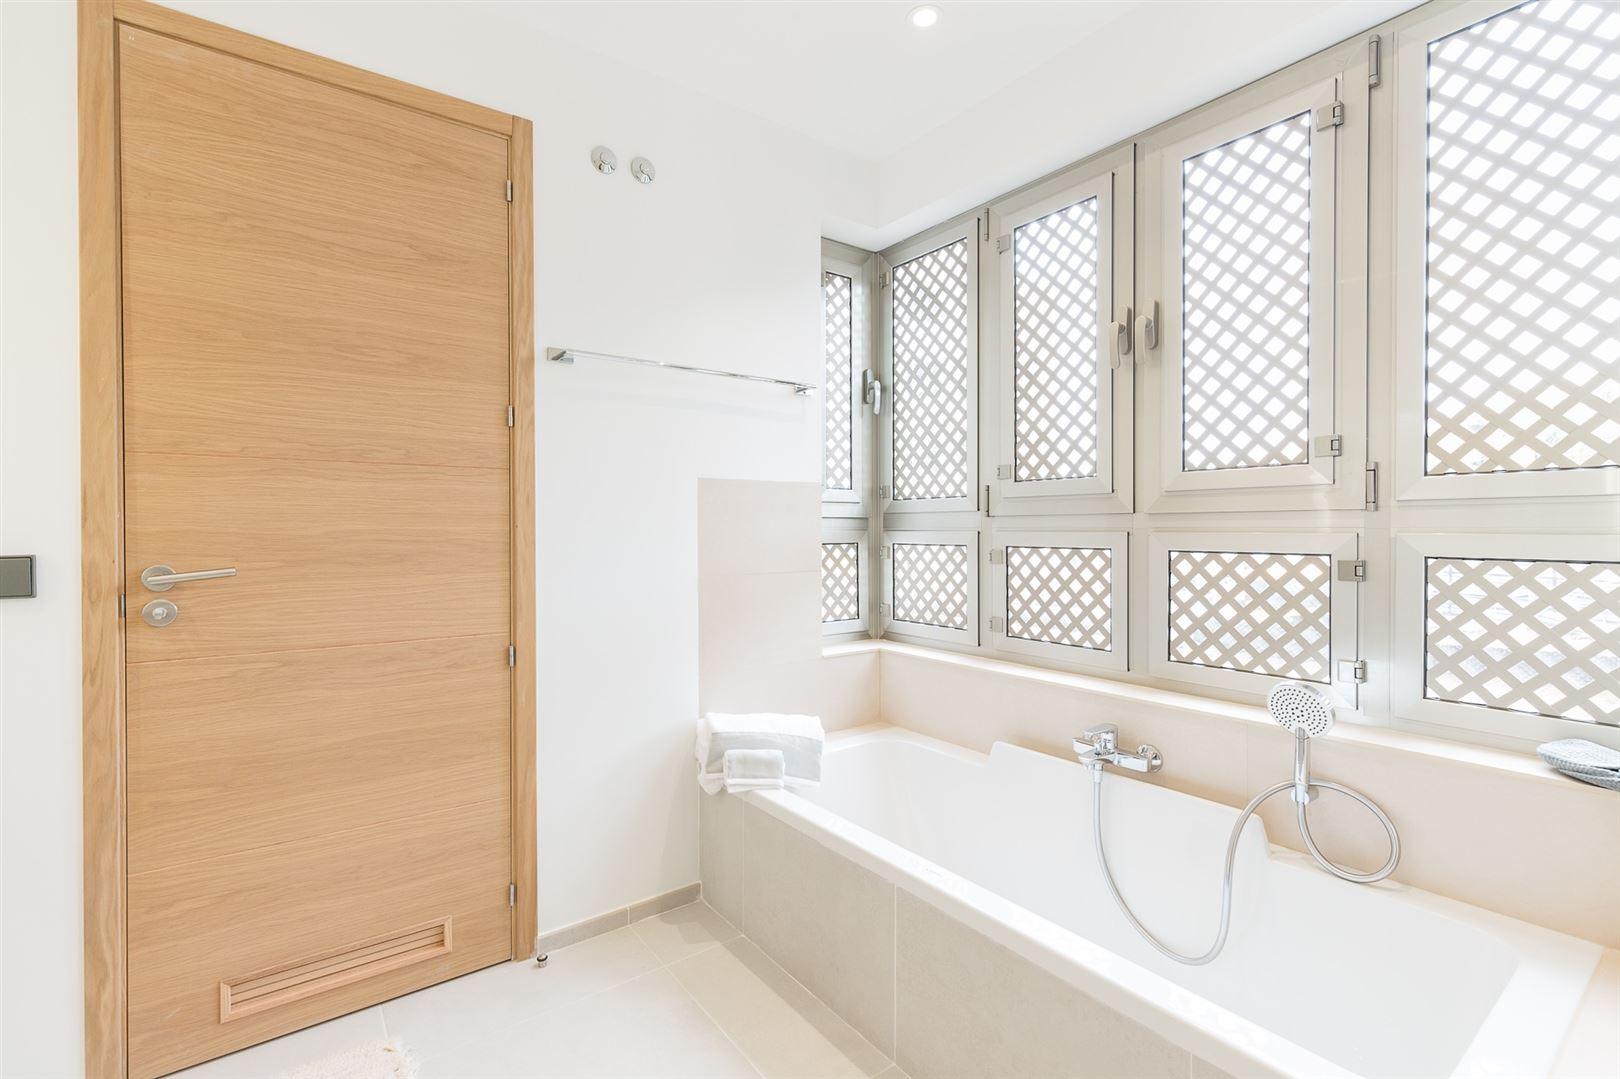 Foto 12 : Appartement te 38632 PALM MAR (Spanje) - Prijs € 450.000